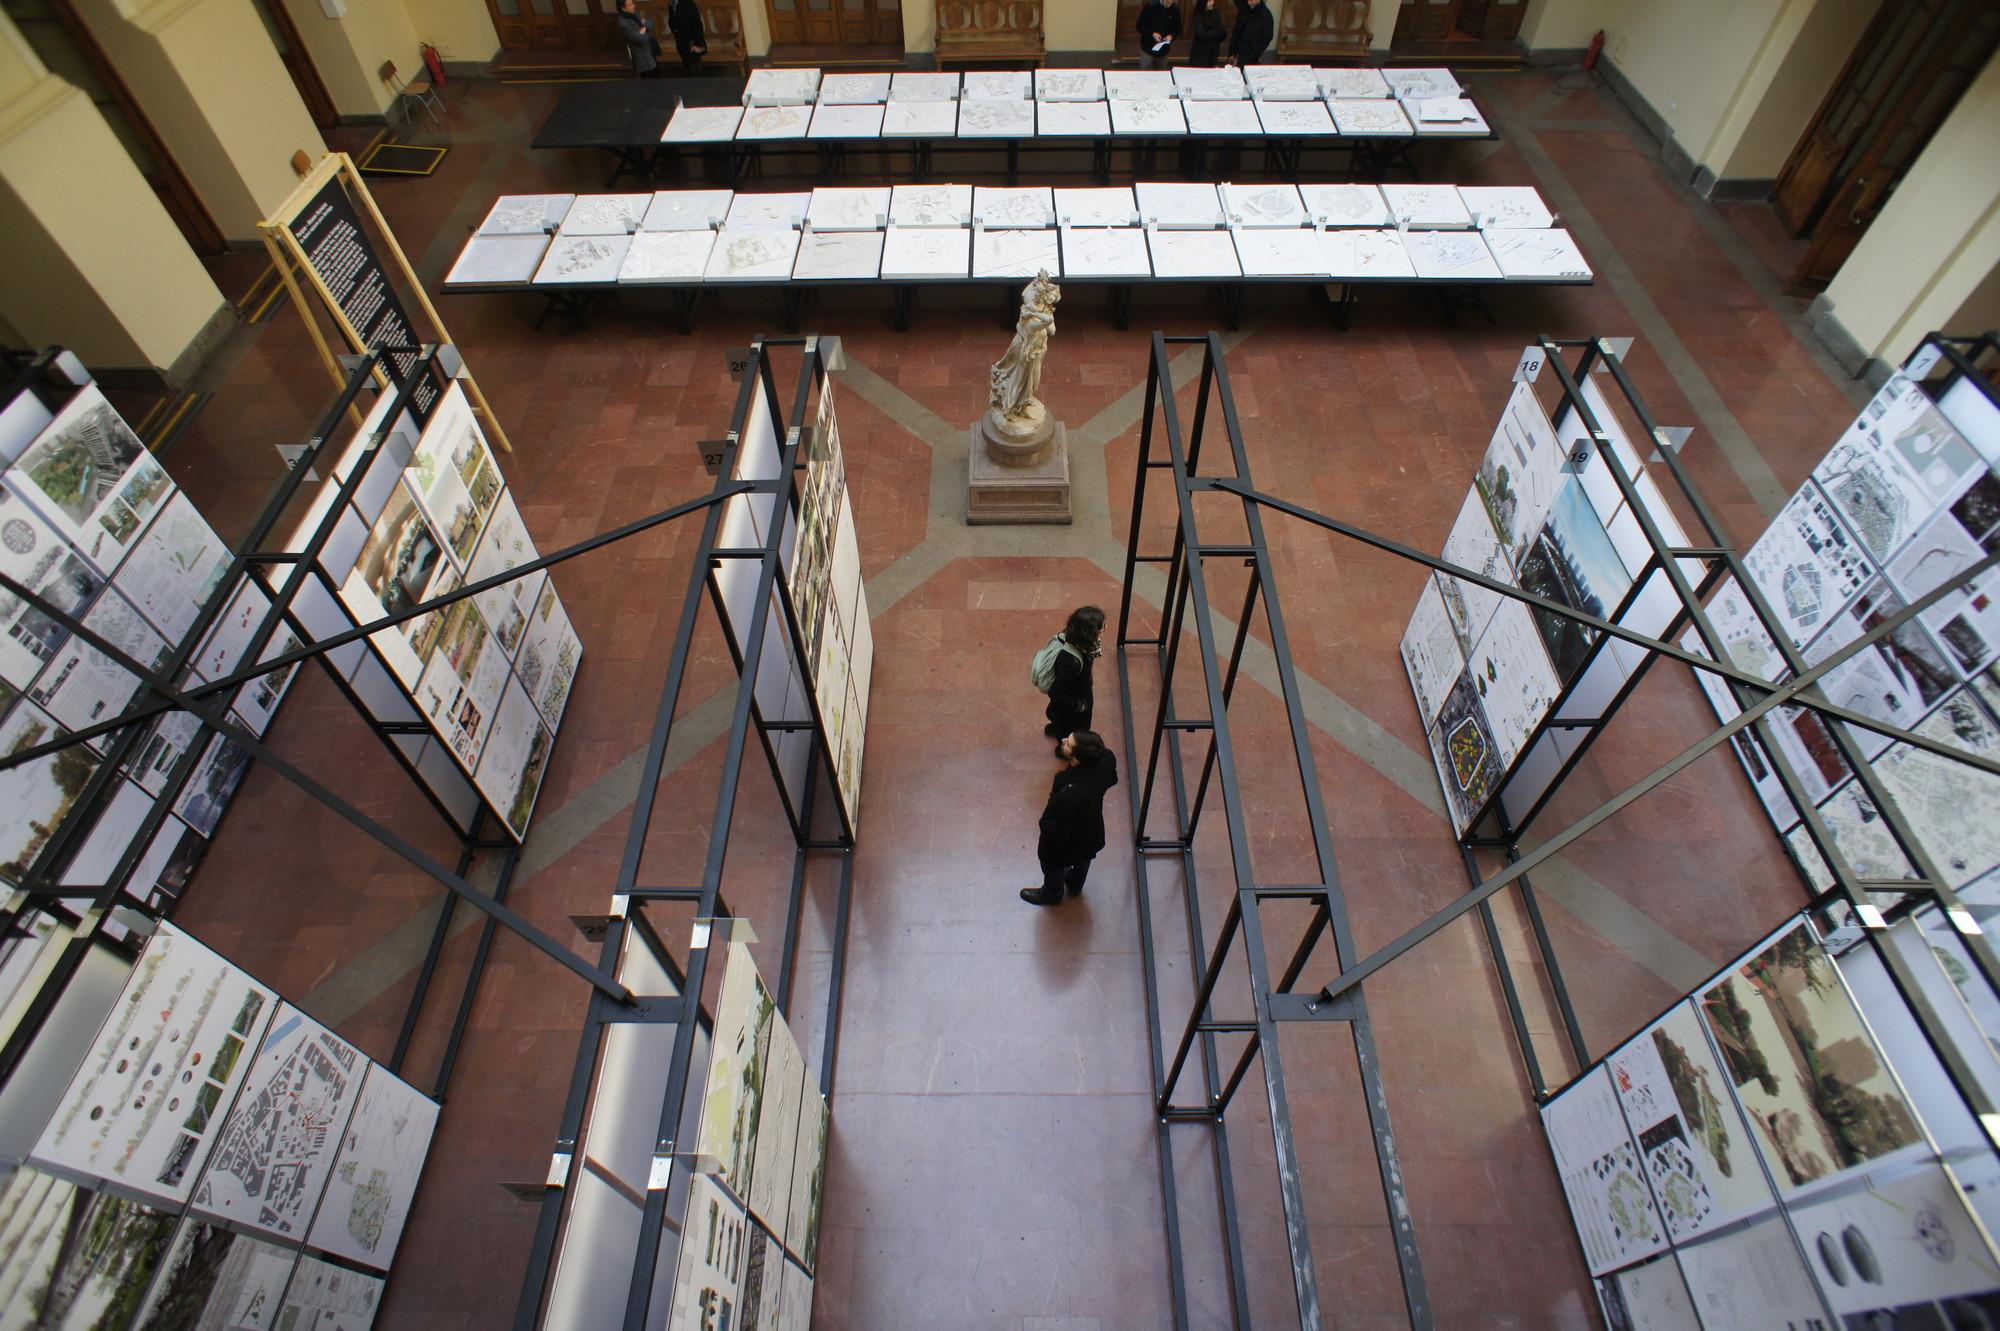 Montaje Concurso de Parque Museo Humano. Image Cortesia de Mil M2